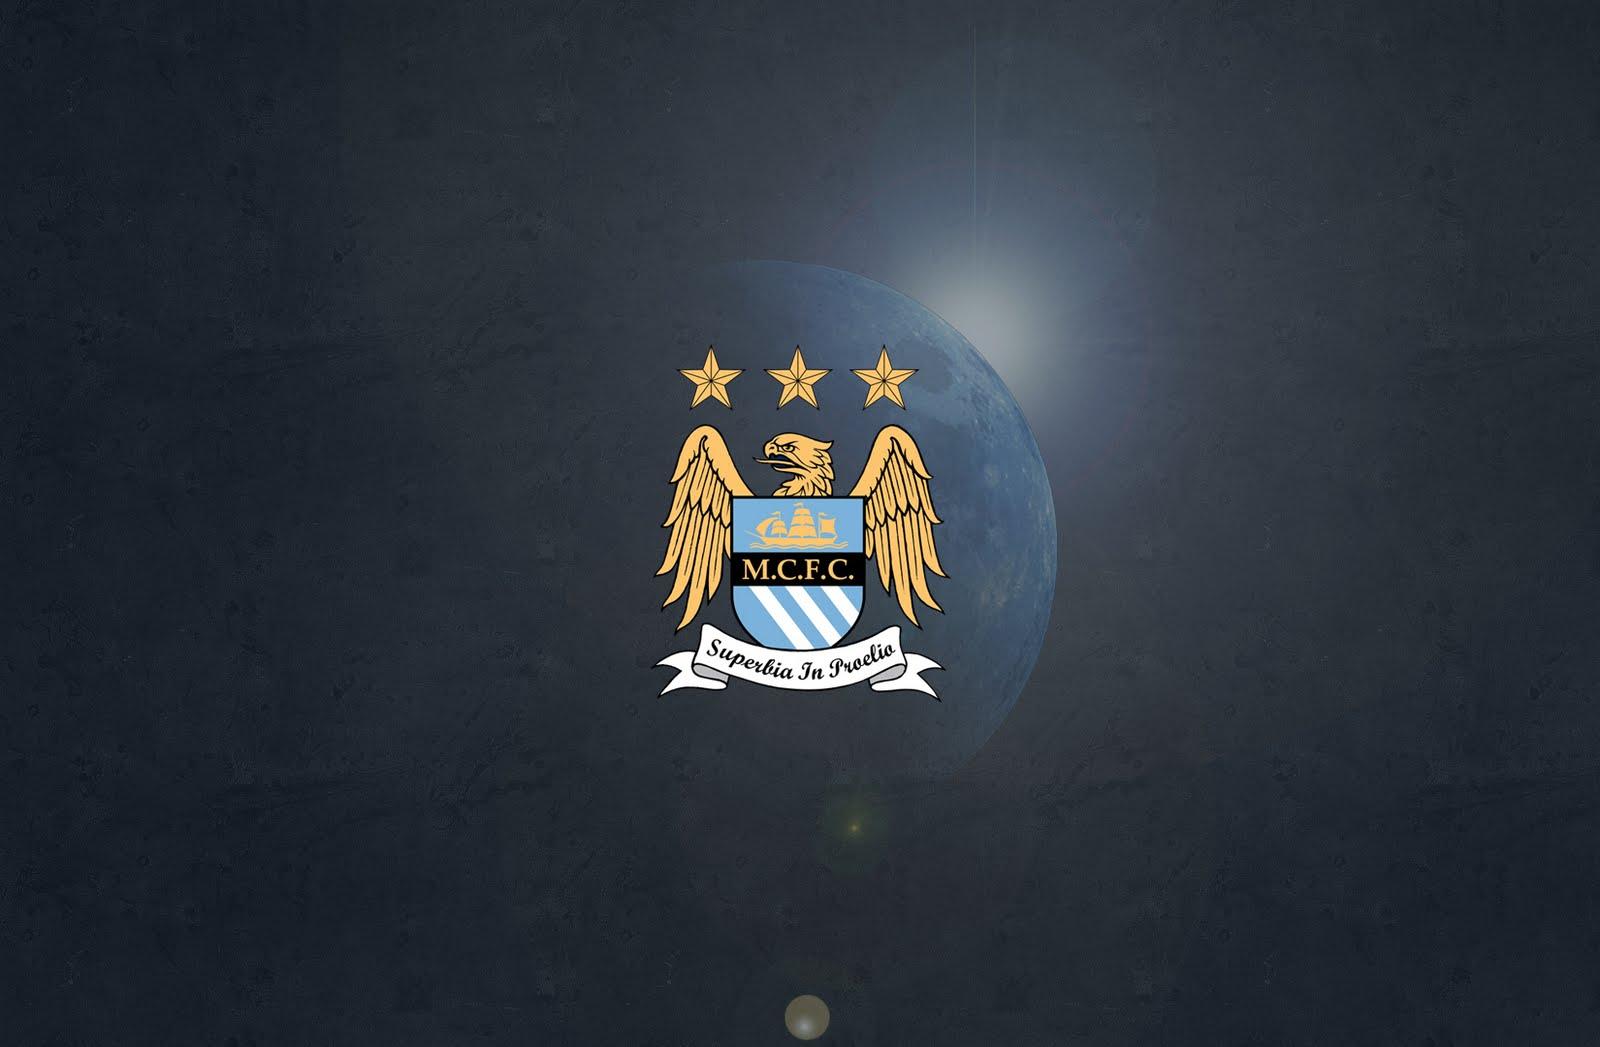 http://2.bp.blogspot.com/-QpEQjkZaQbY/ThWs3IxeHFI/AAAAAAAAAww/Eh734fq9nNg/s1600/Manchester+City+Wallpaper+4.jpg